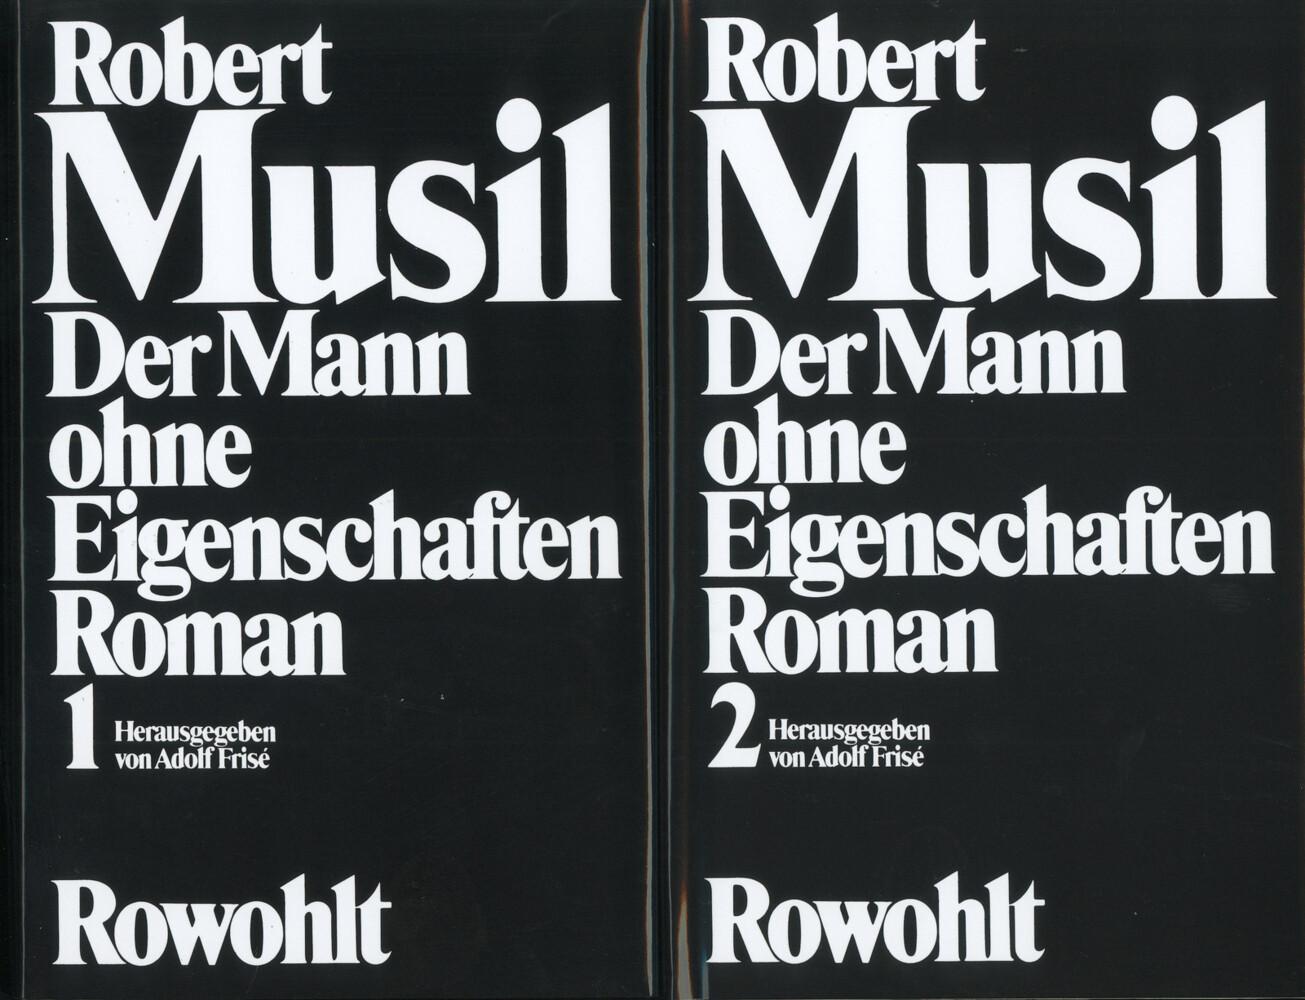 Der Mann ohne Eigenschaften als Buch